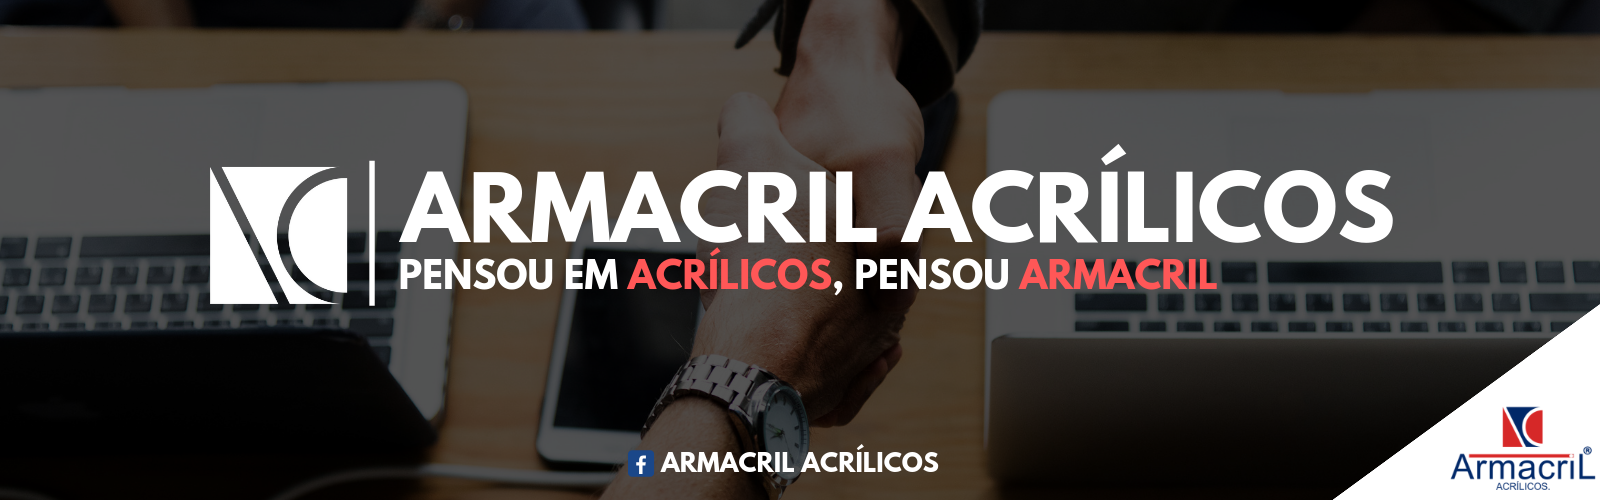 caixa-em-acrilico-armacrilacrilicos-banner1